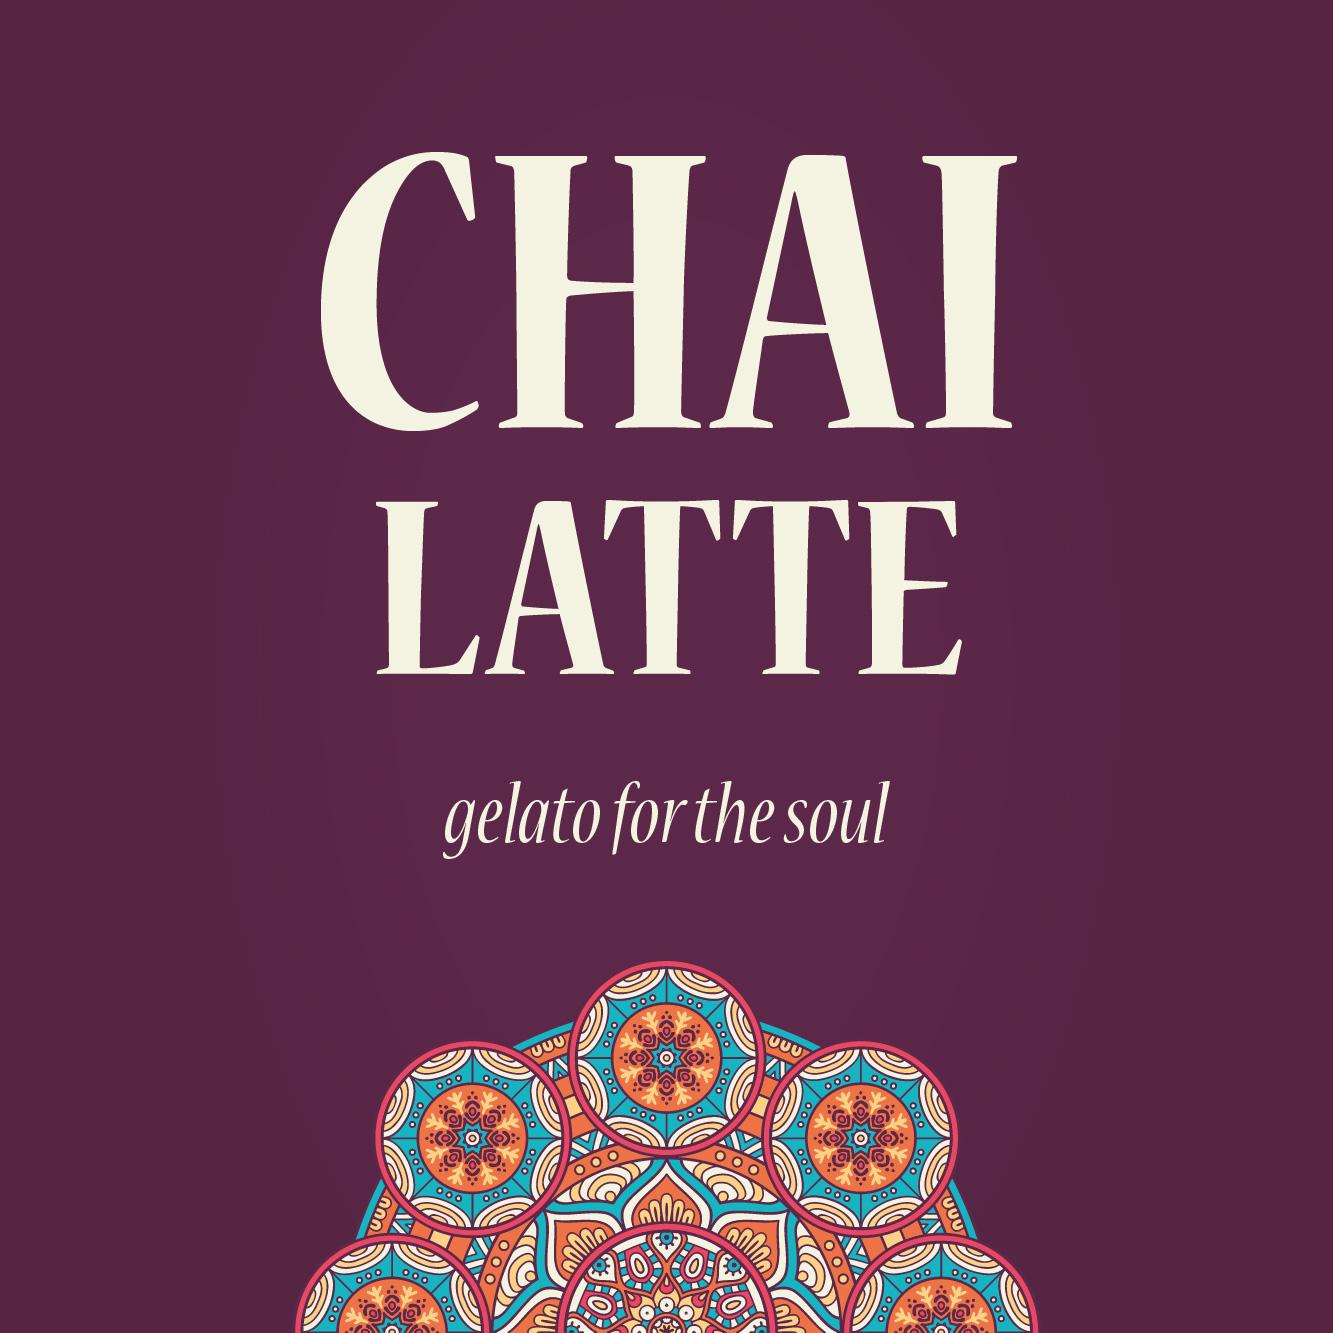 Chai Latte - gelato for the soul